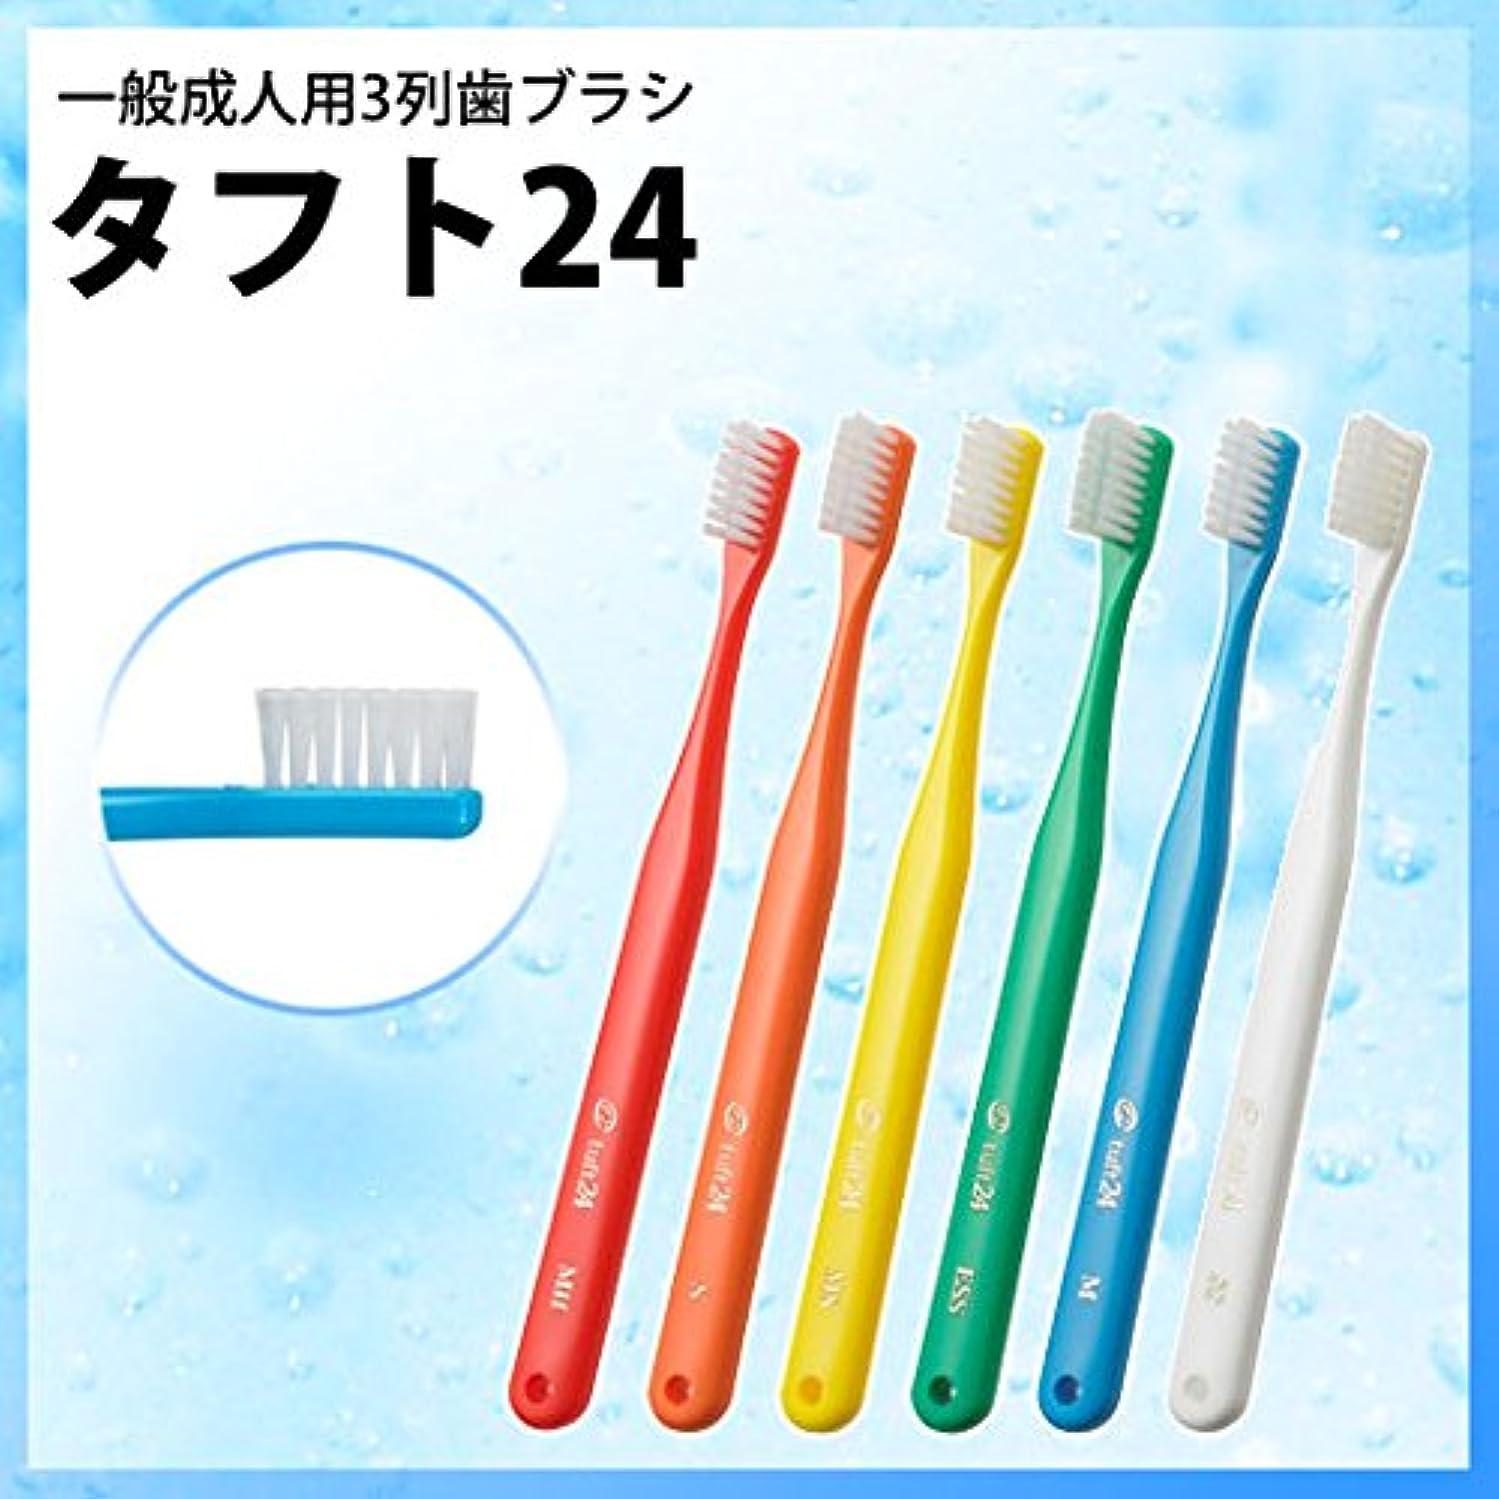 出します出します葉っぱタフト24 歯ブラシ 5本セット SS キャップなし (グリーン)